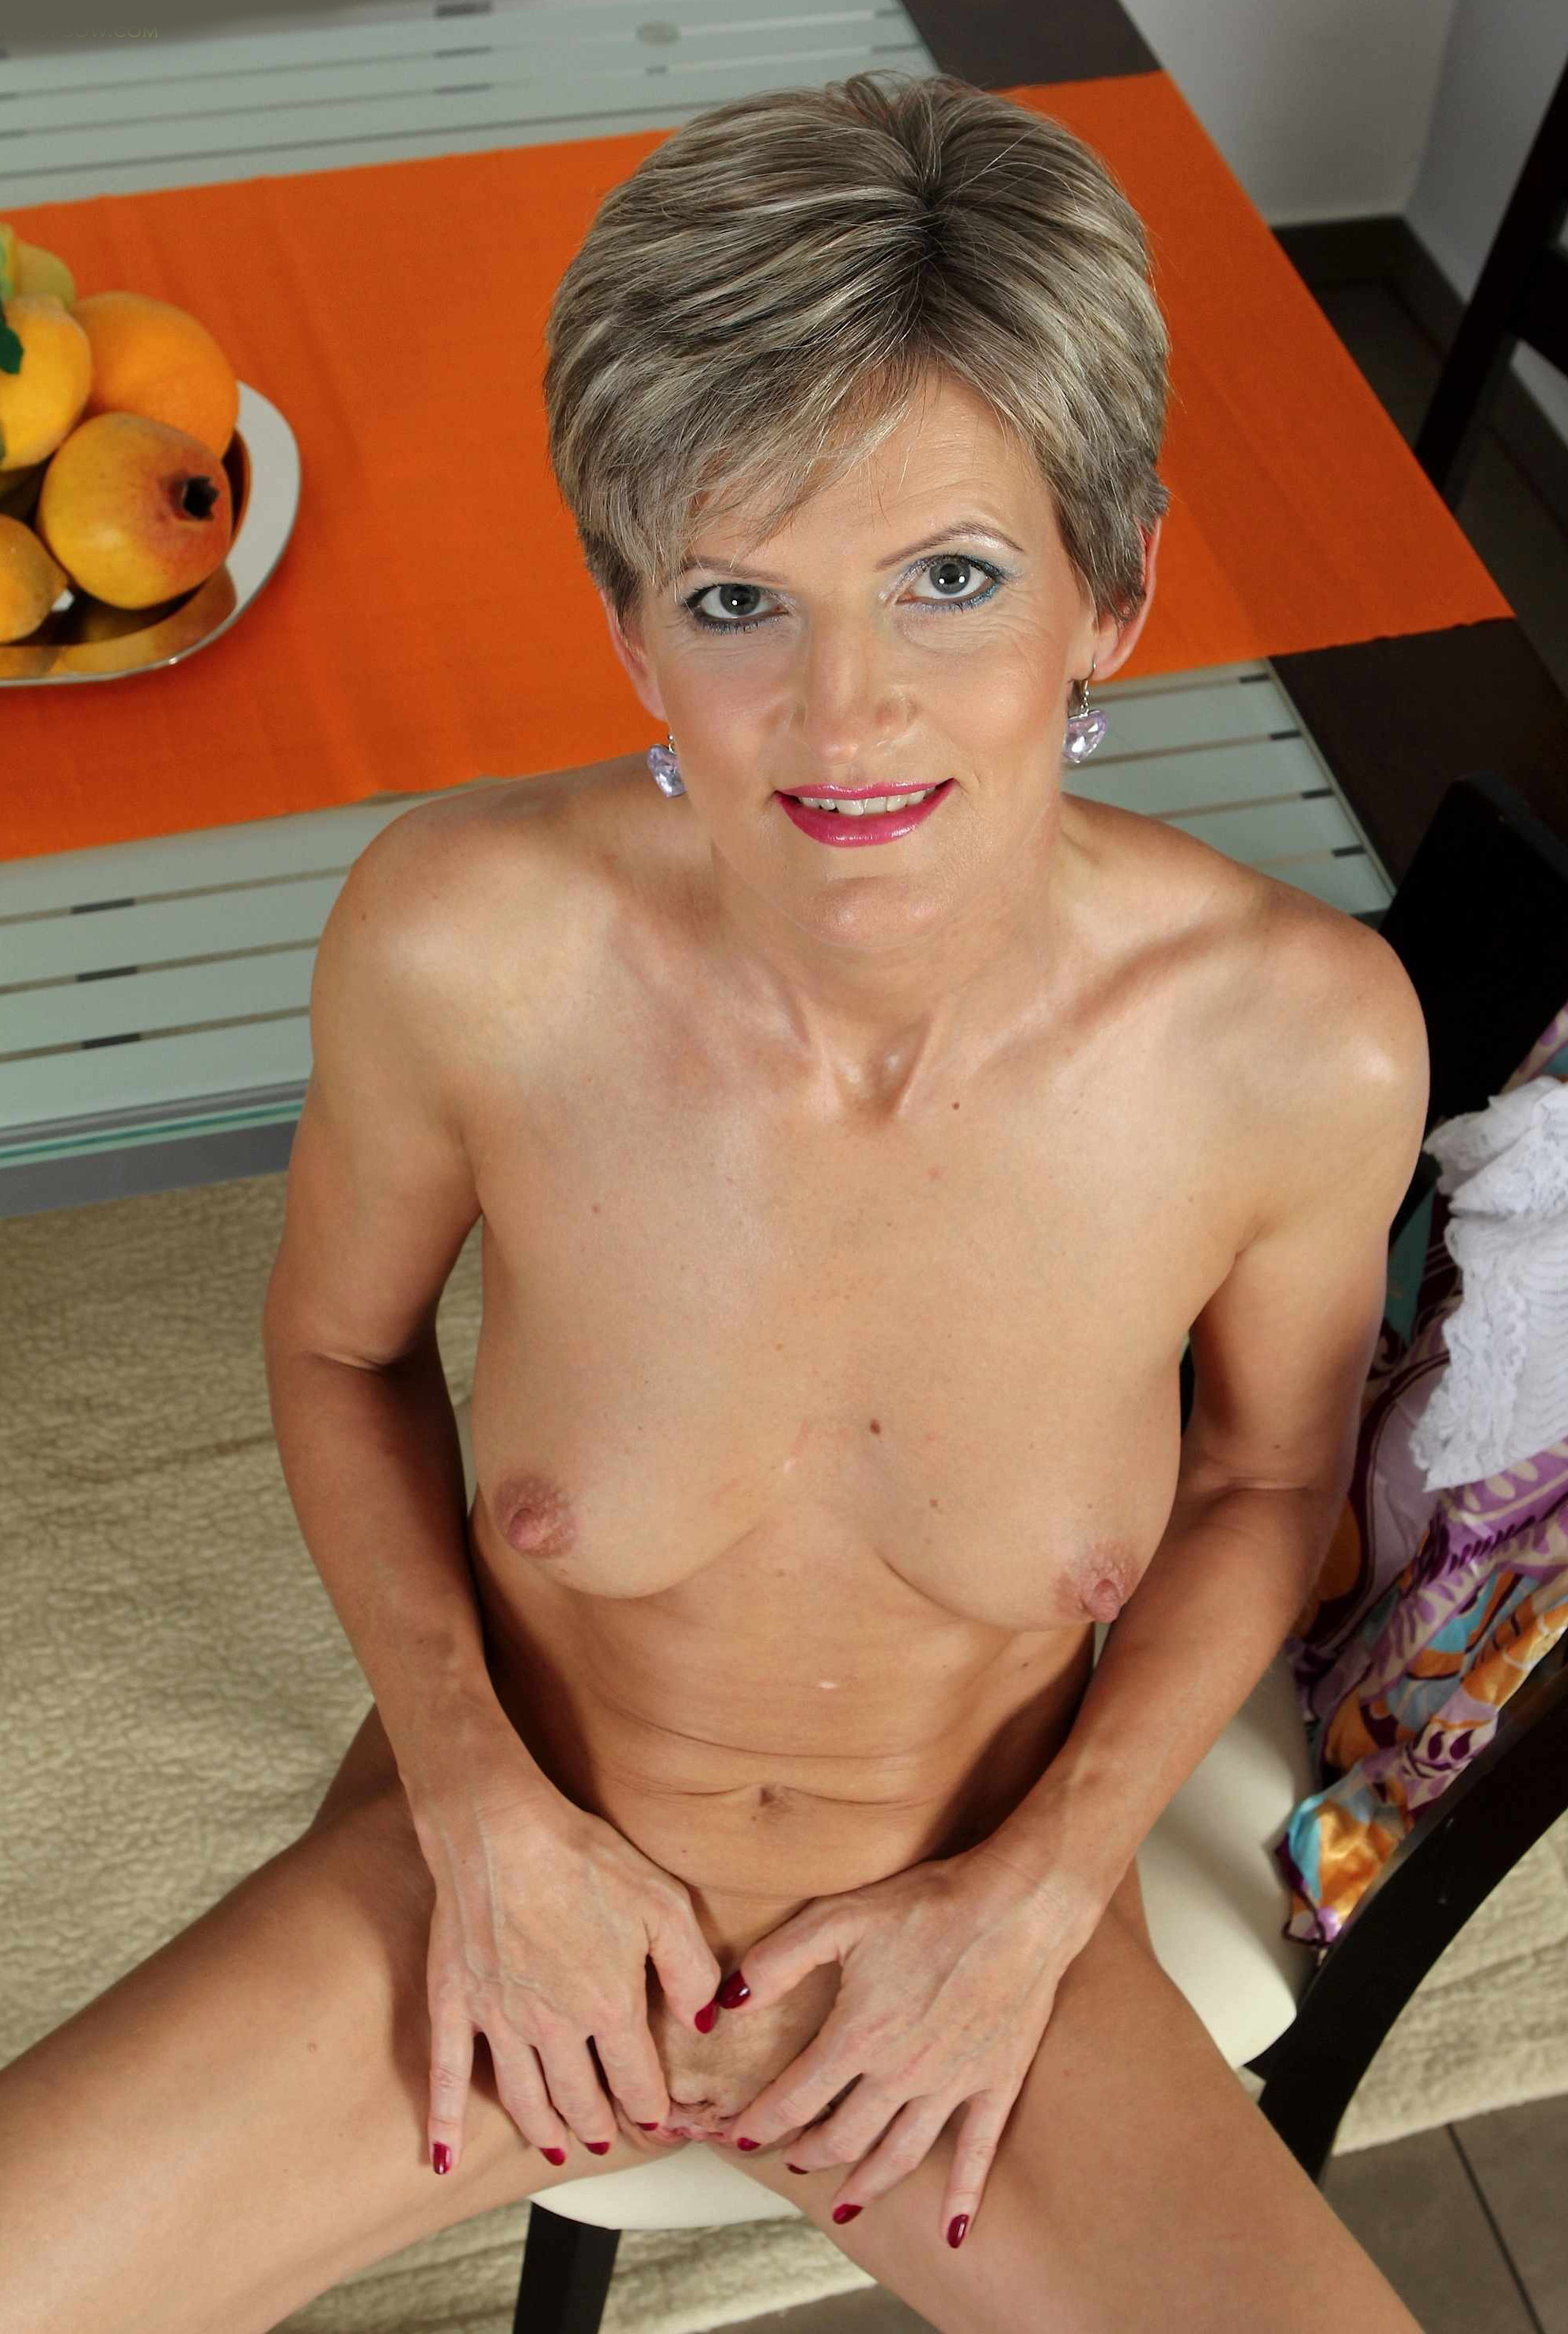 Мелани уже очень немолода, но старается выглядеть сексуально и у нее это отлично получается